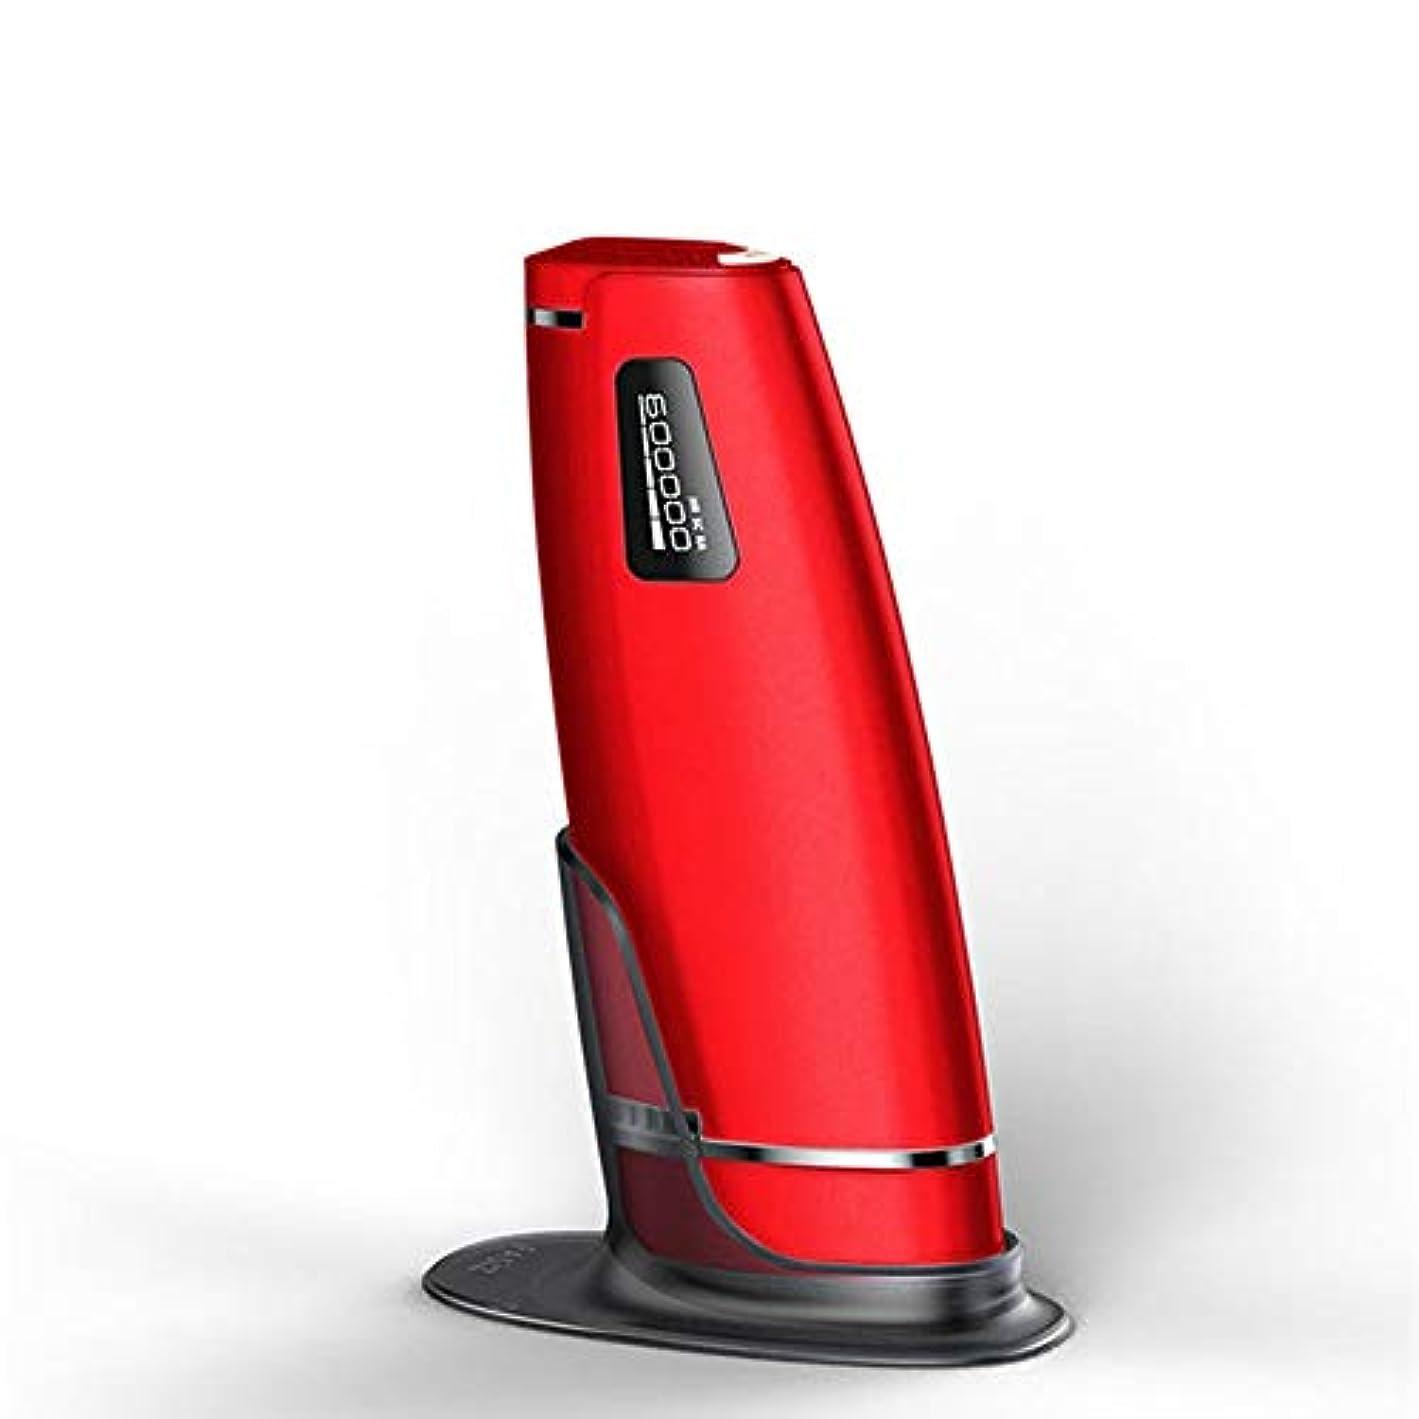 転送しおれた野菜Iku夫 赤、デュアルモード、ホームオートマチック無痛脱毛剤、携帯用永久脱毛剤、5スピード調整、サイズ20.5 X 4.5 X 7 Cm (Color : Red)